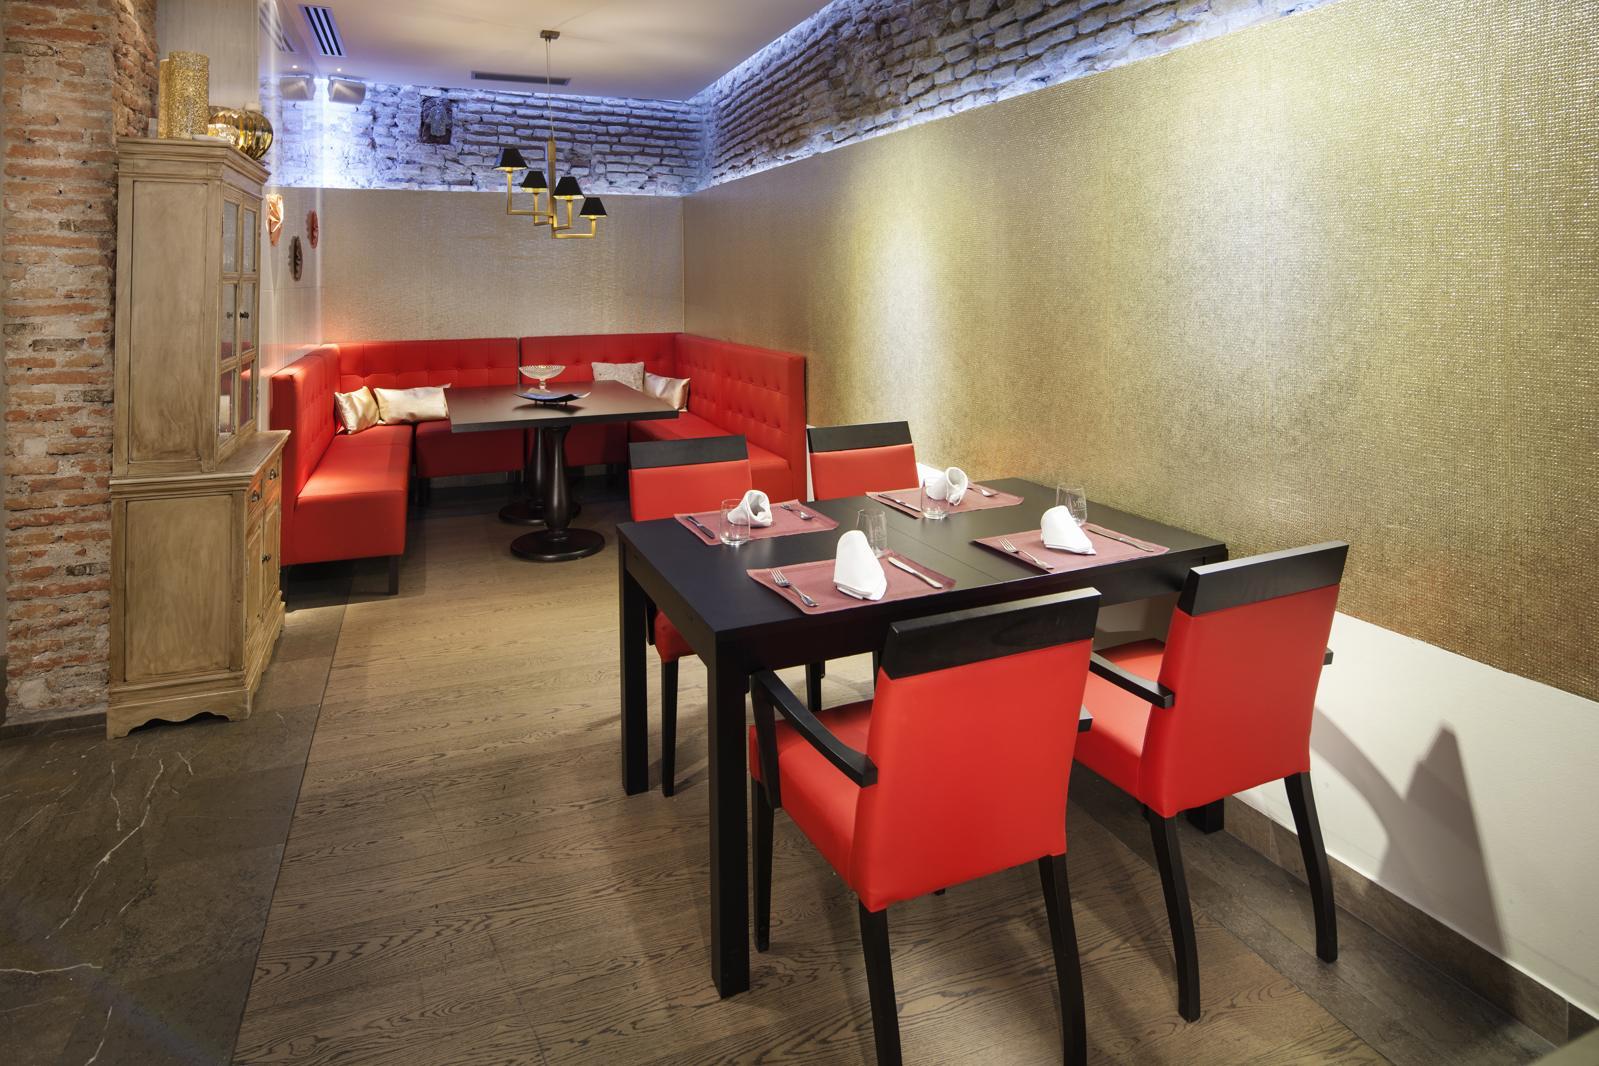 Restaurante en málaga - fotógrafo de restaurantes Andreas Grunau - fotografía de restaurante